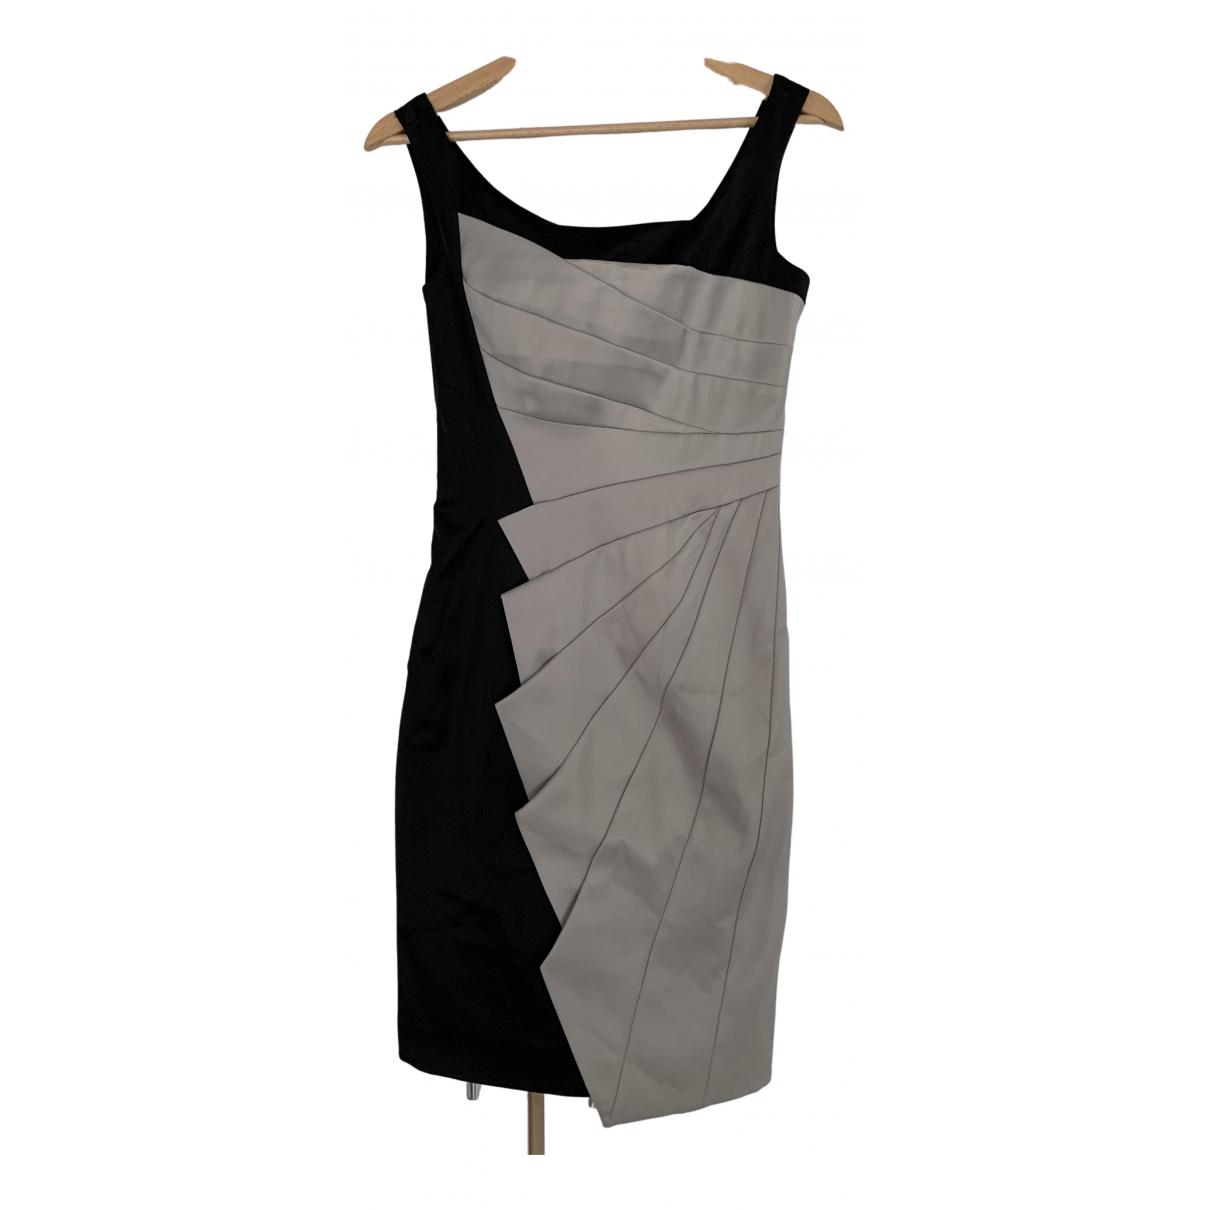 Karen Millen \N Kleid in  Schwarz Synthetik